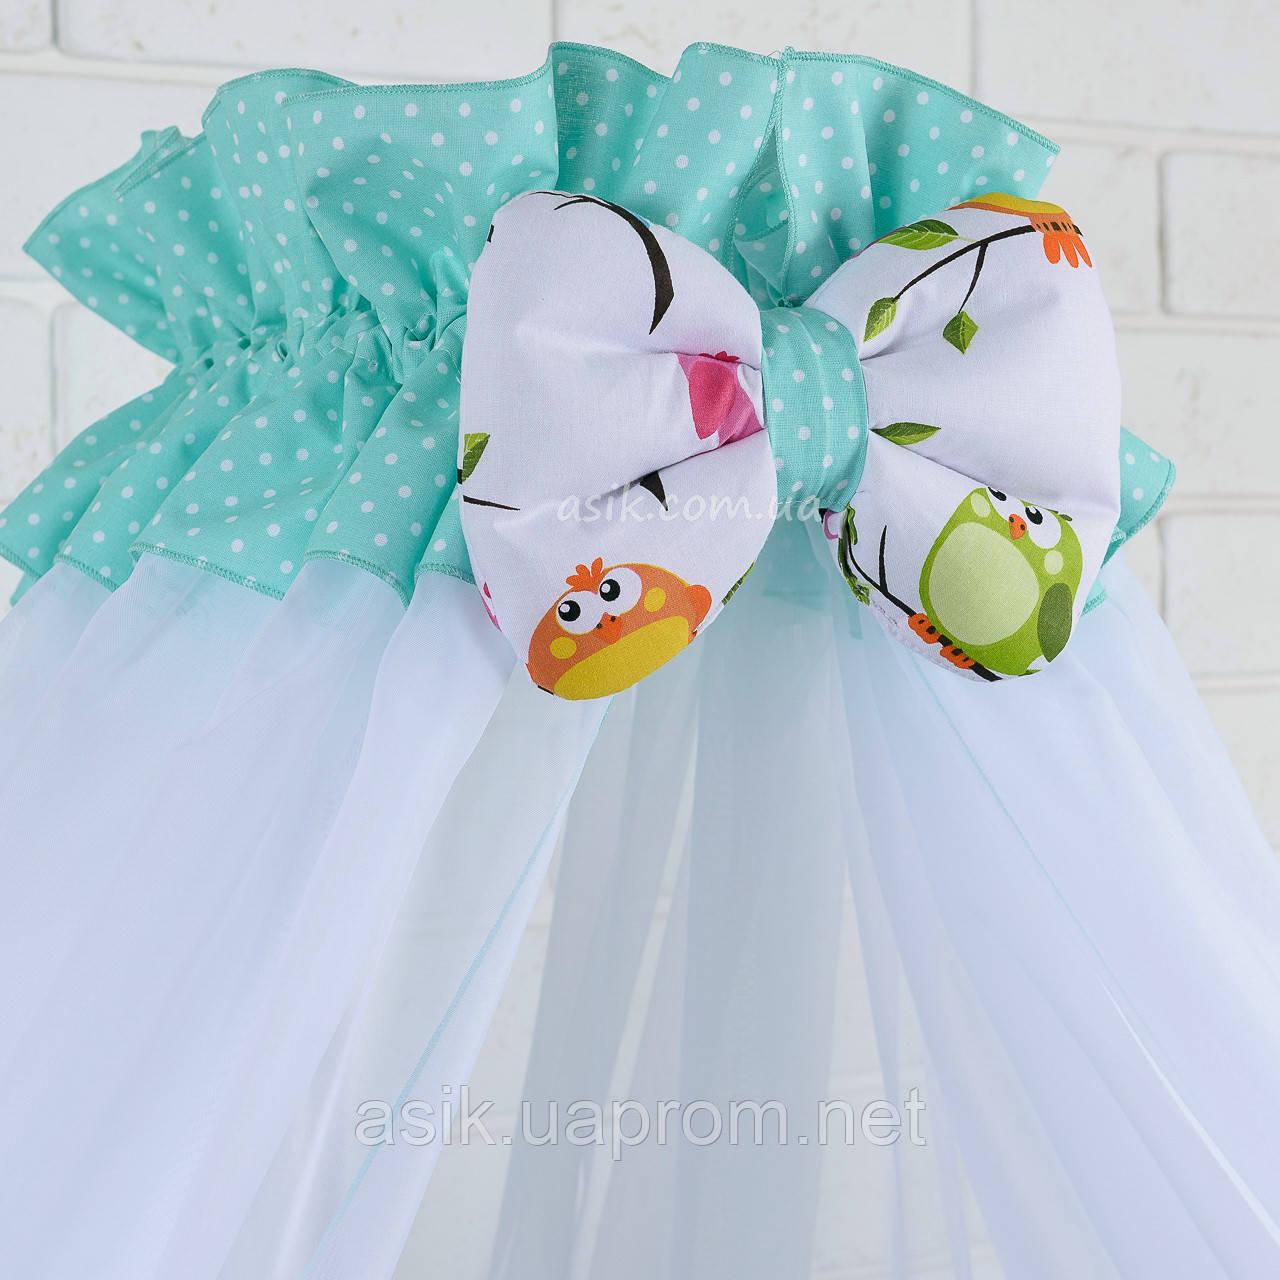 Балдахин в кроватку с оборкой мятного цвета в белый горошек